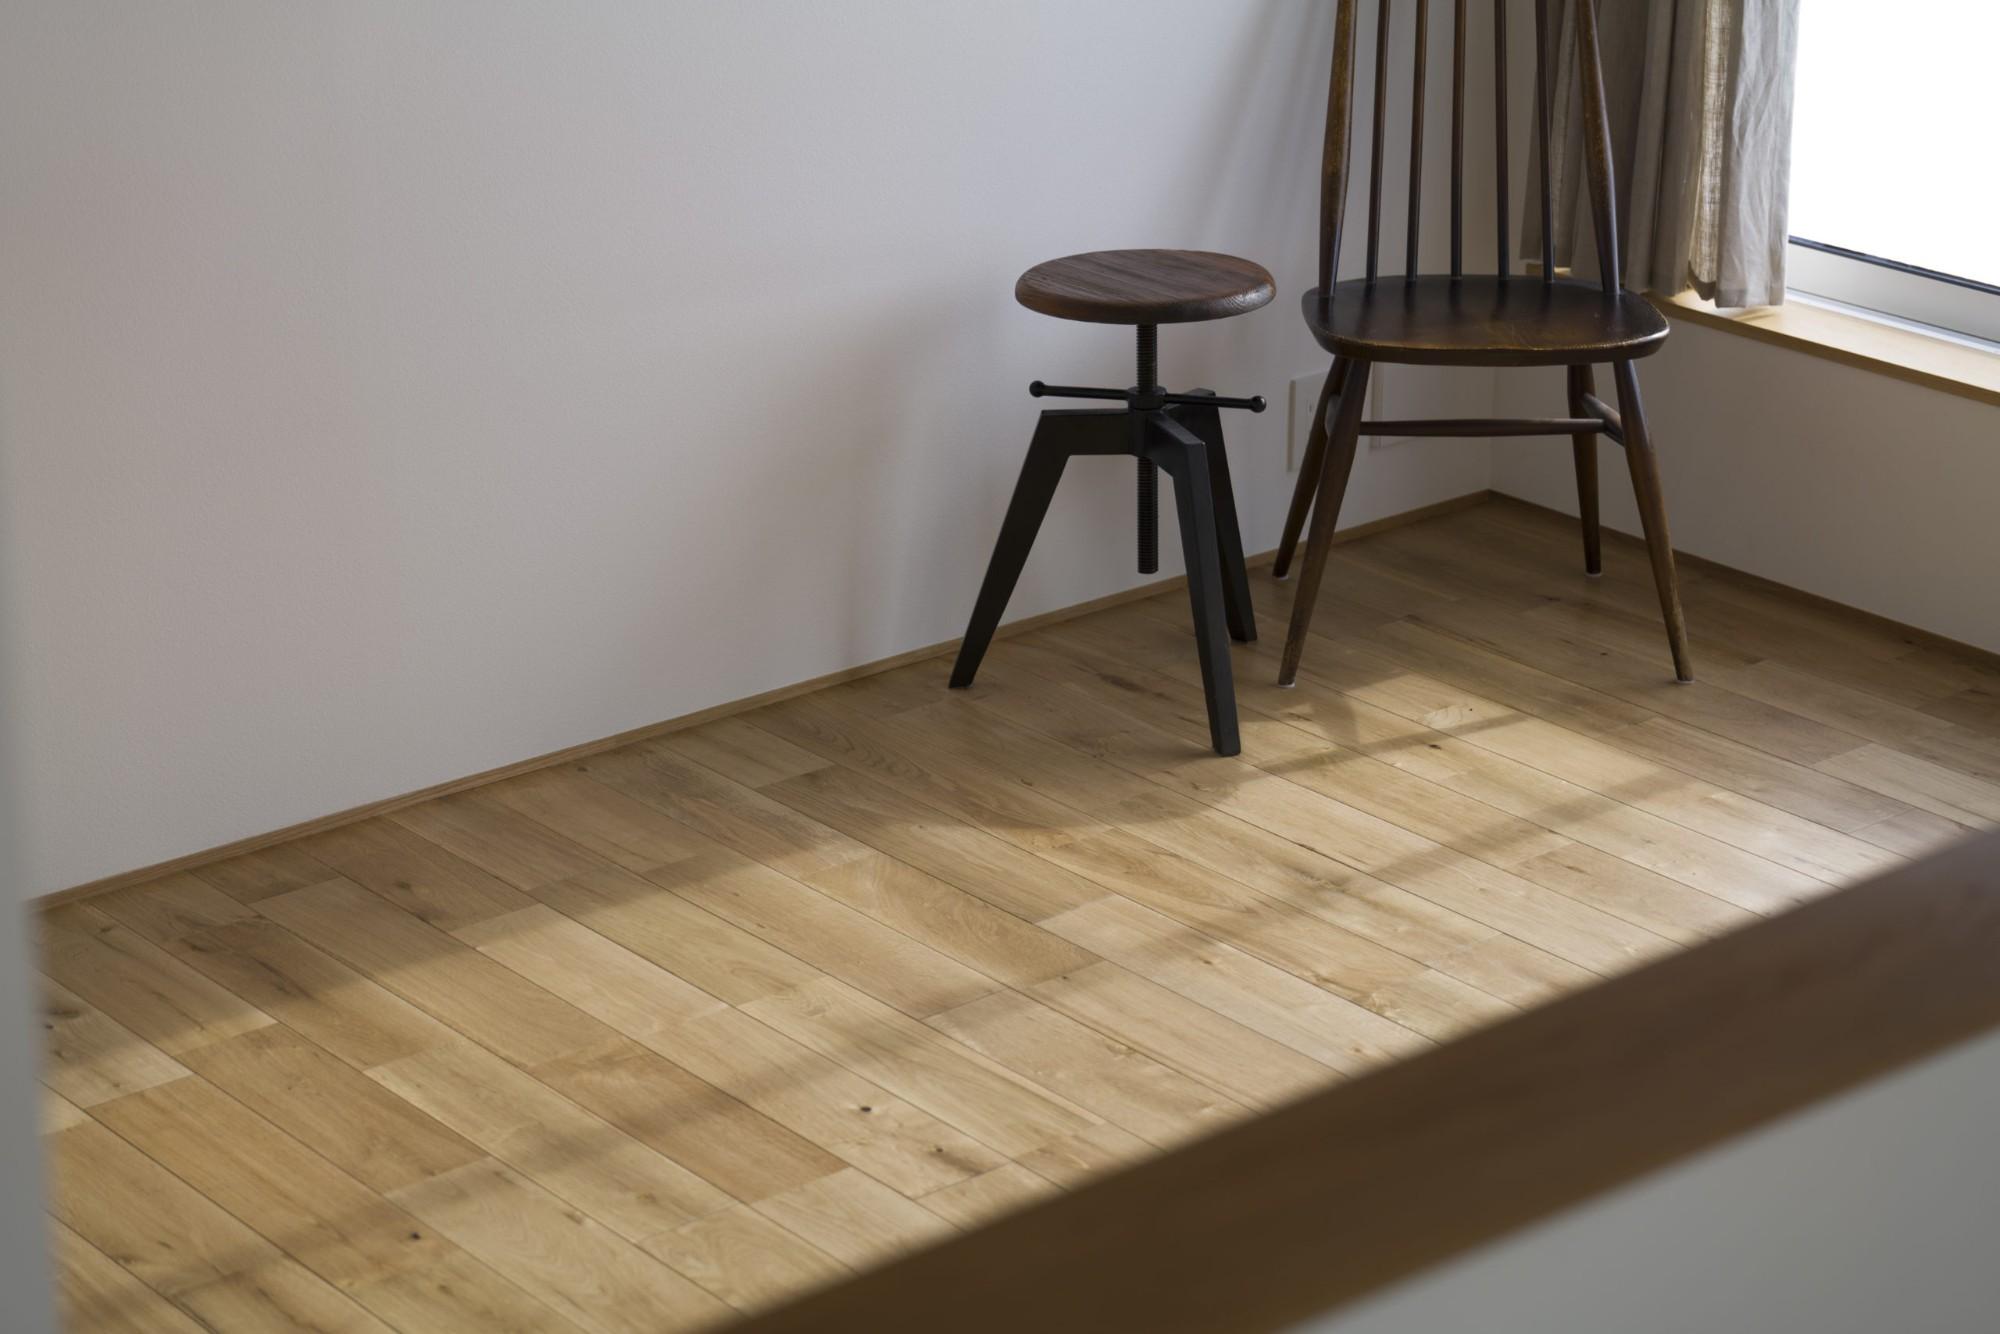 株式会社あかがわ建築設計室「悠遠の家」のシンプル・ナチュラル・自然素材な廊下の実例写真